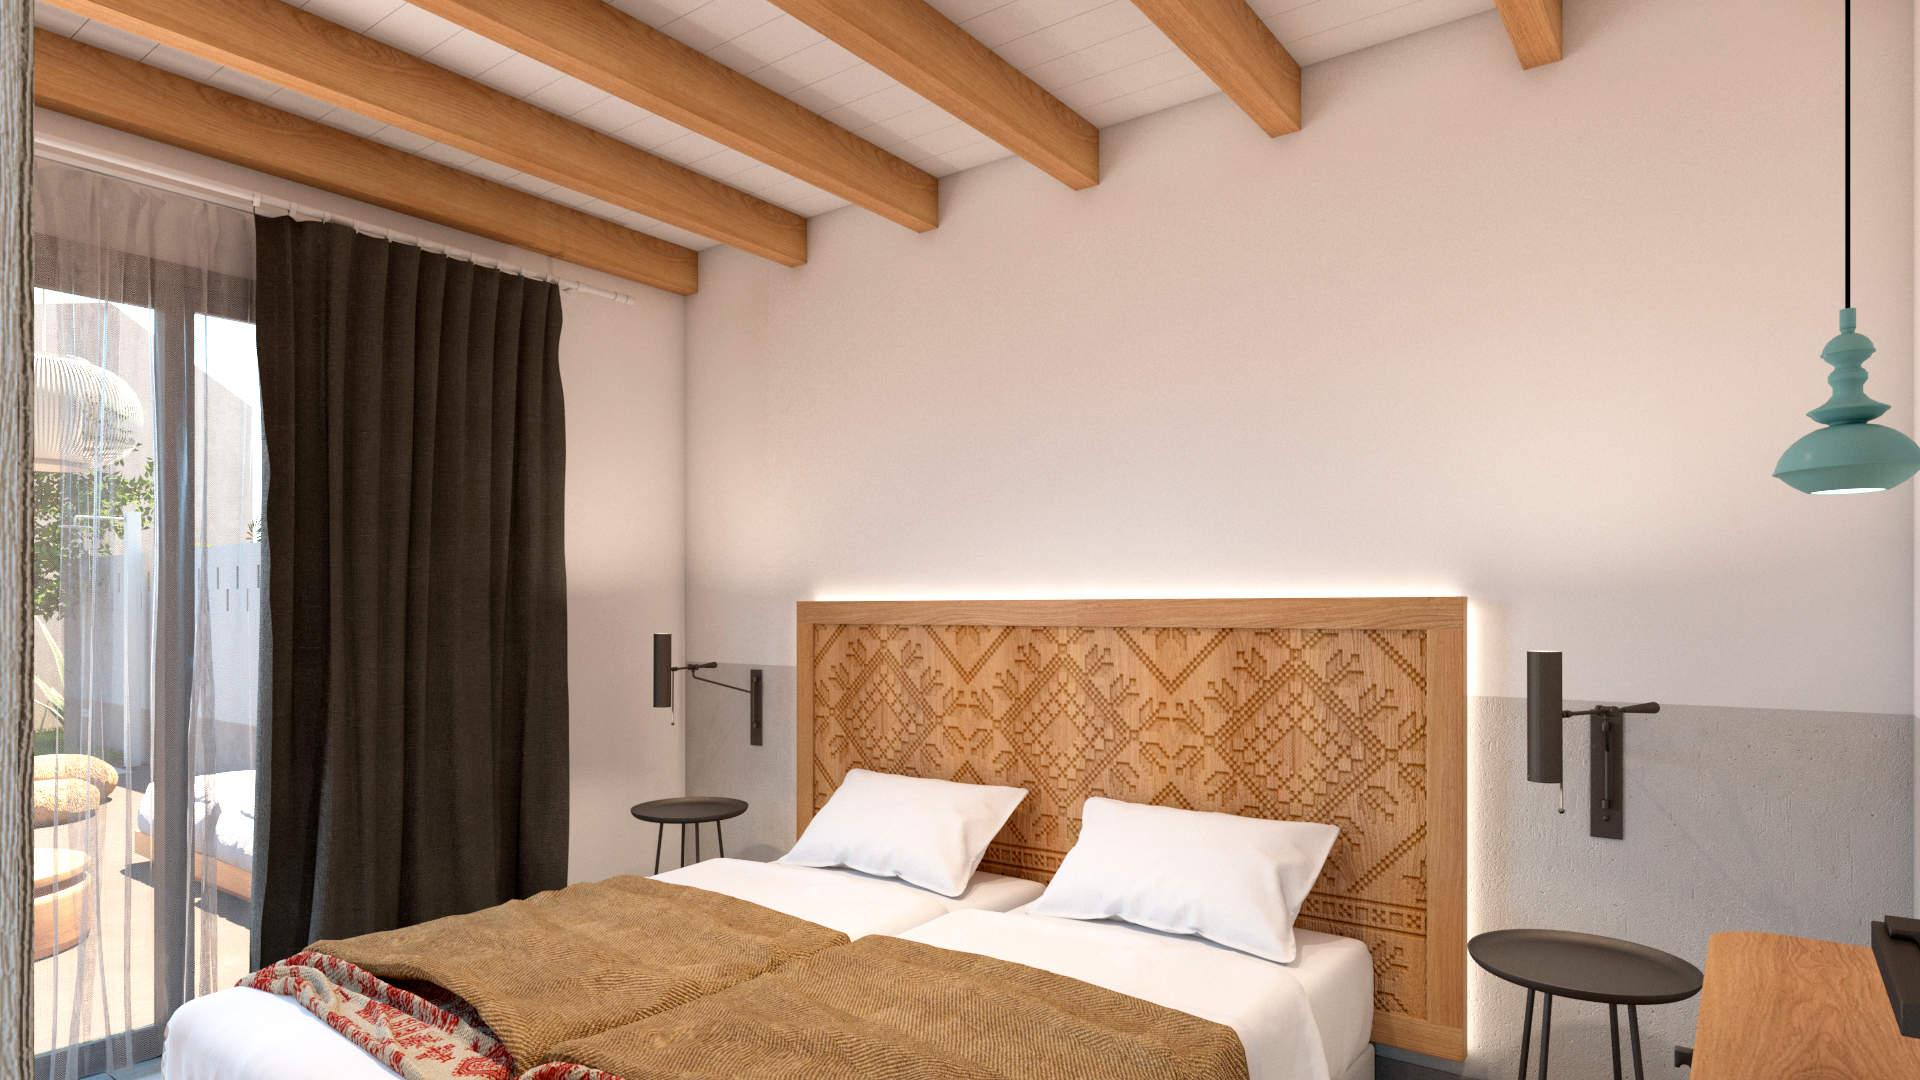 villas complex, interior design, bedroom. Συγκρότημα τουριστικών κατοικιών, εσωτερικός χώρος, υπνοδωμάτιο.